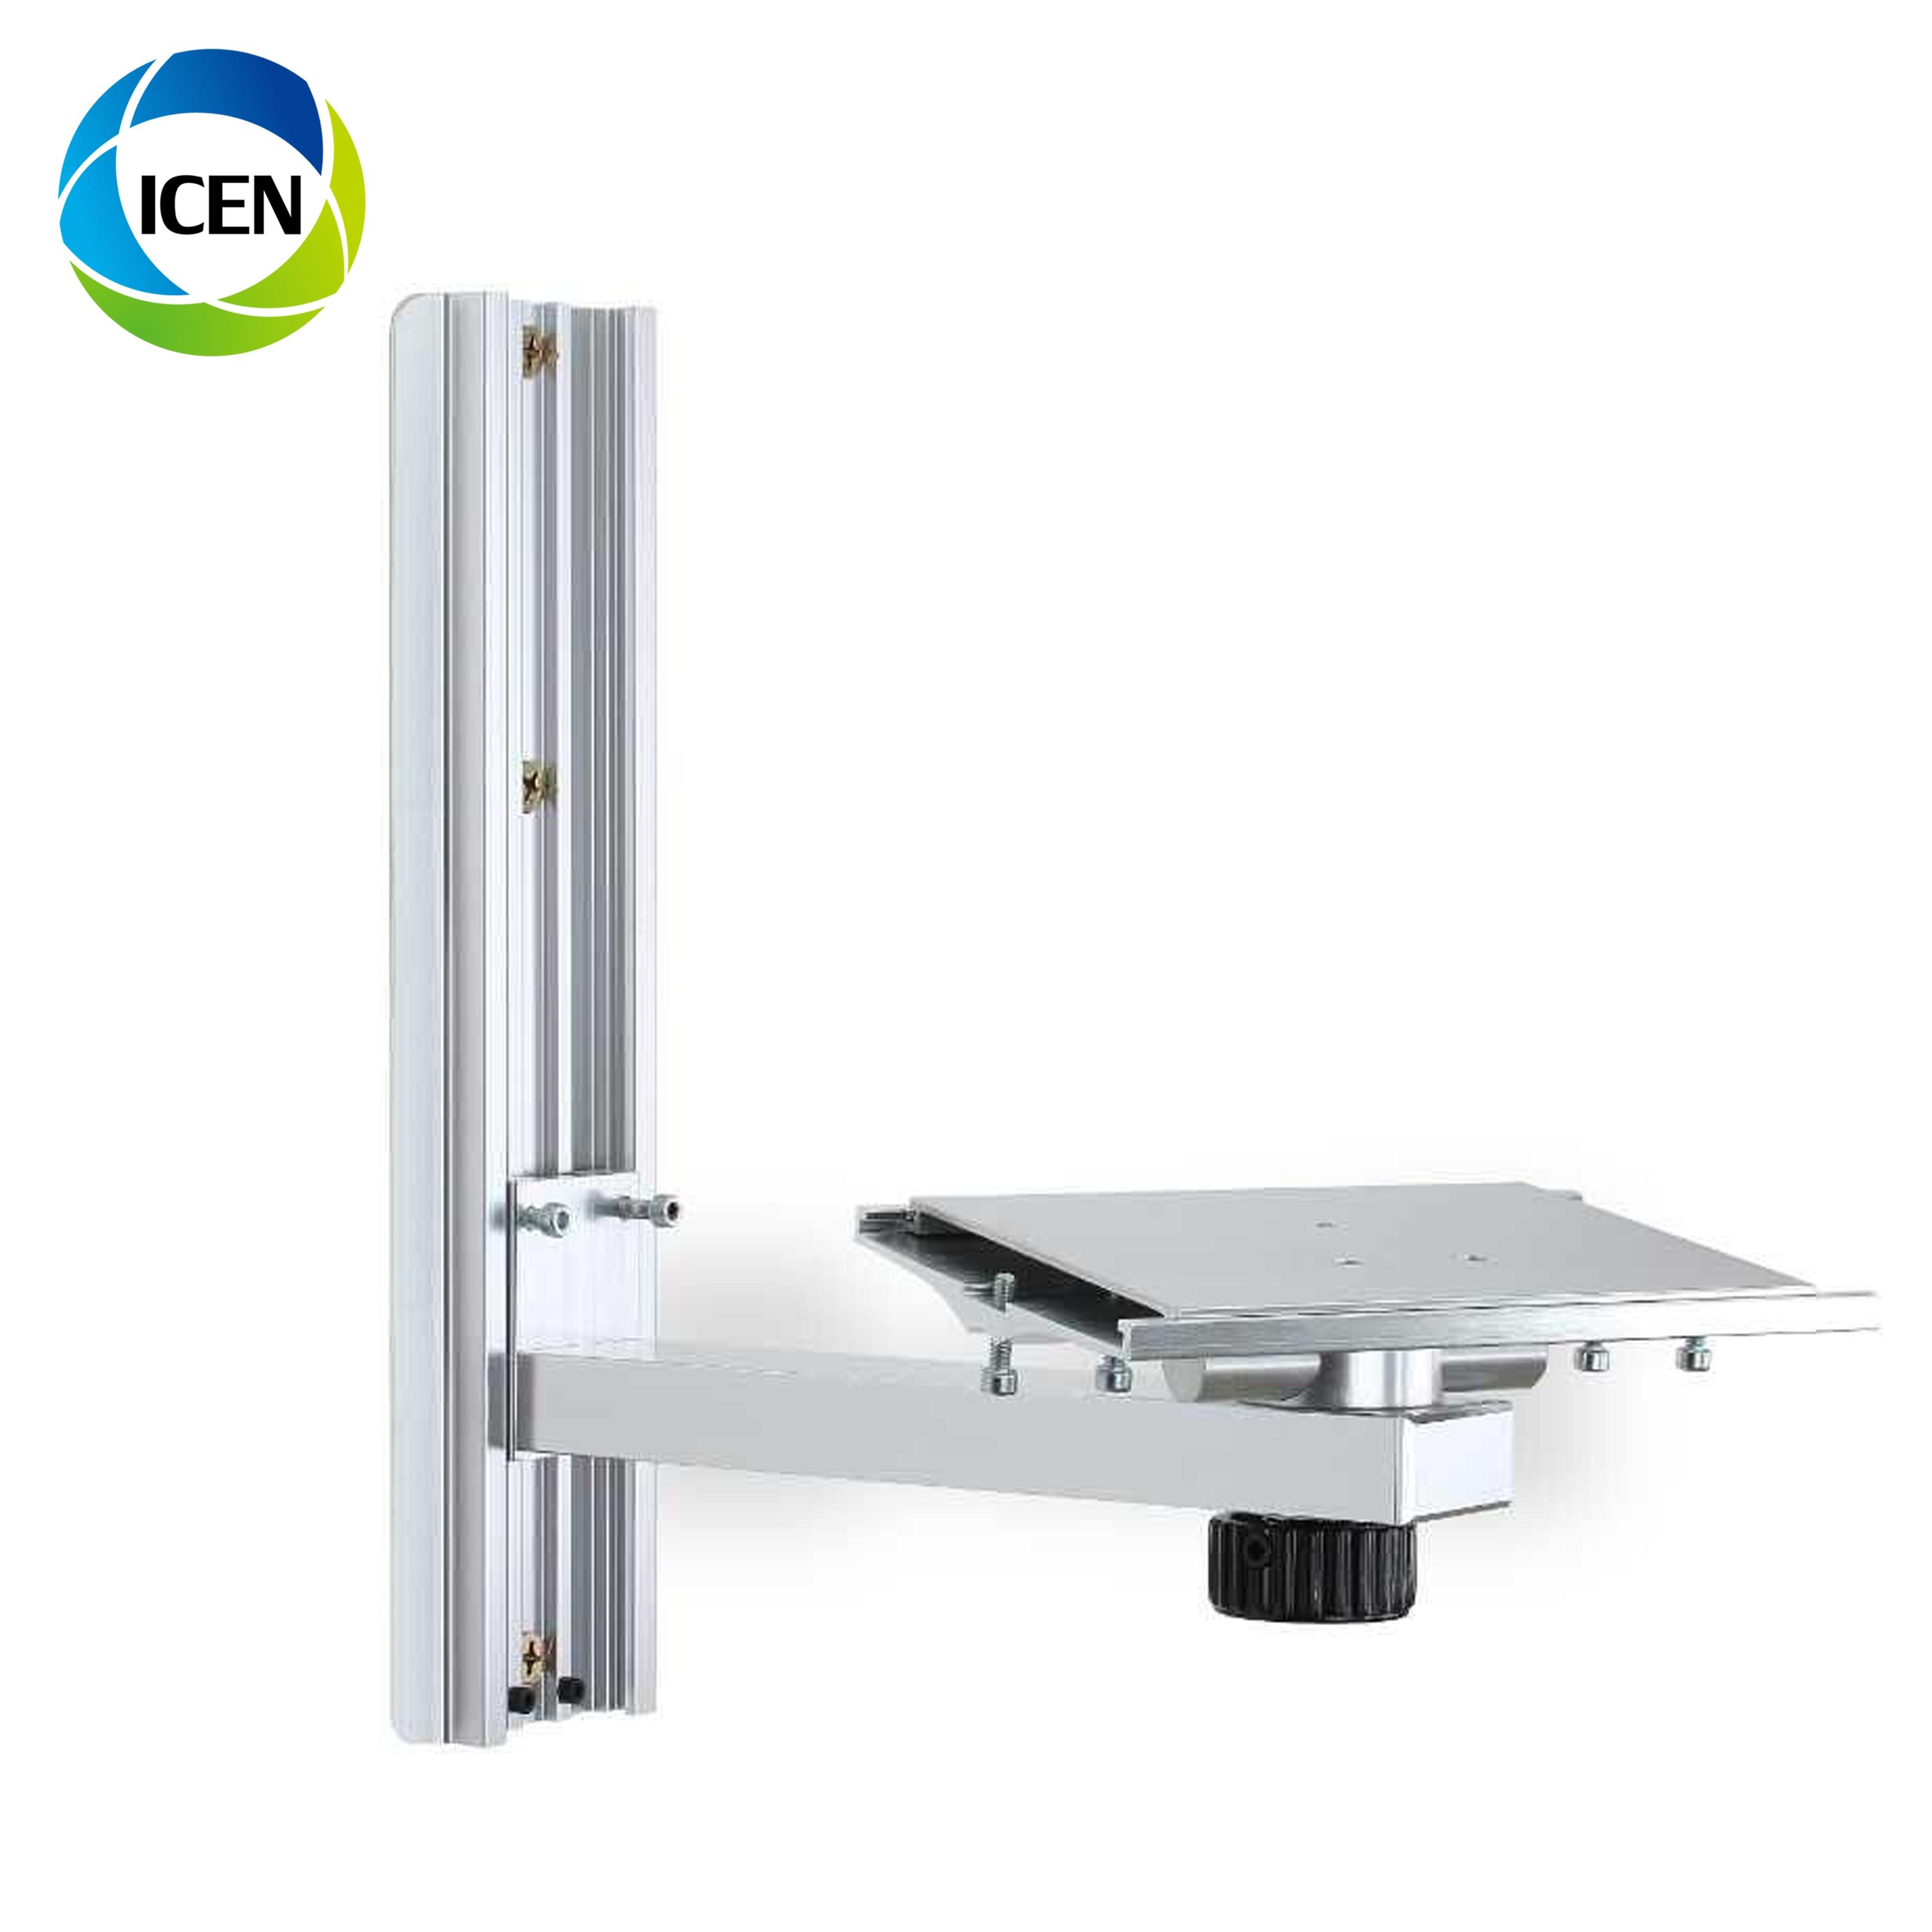 IN-C2 хорошего качества медицинские приборы Монитор пациента Монитор настенного крепления кронштейна